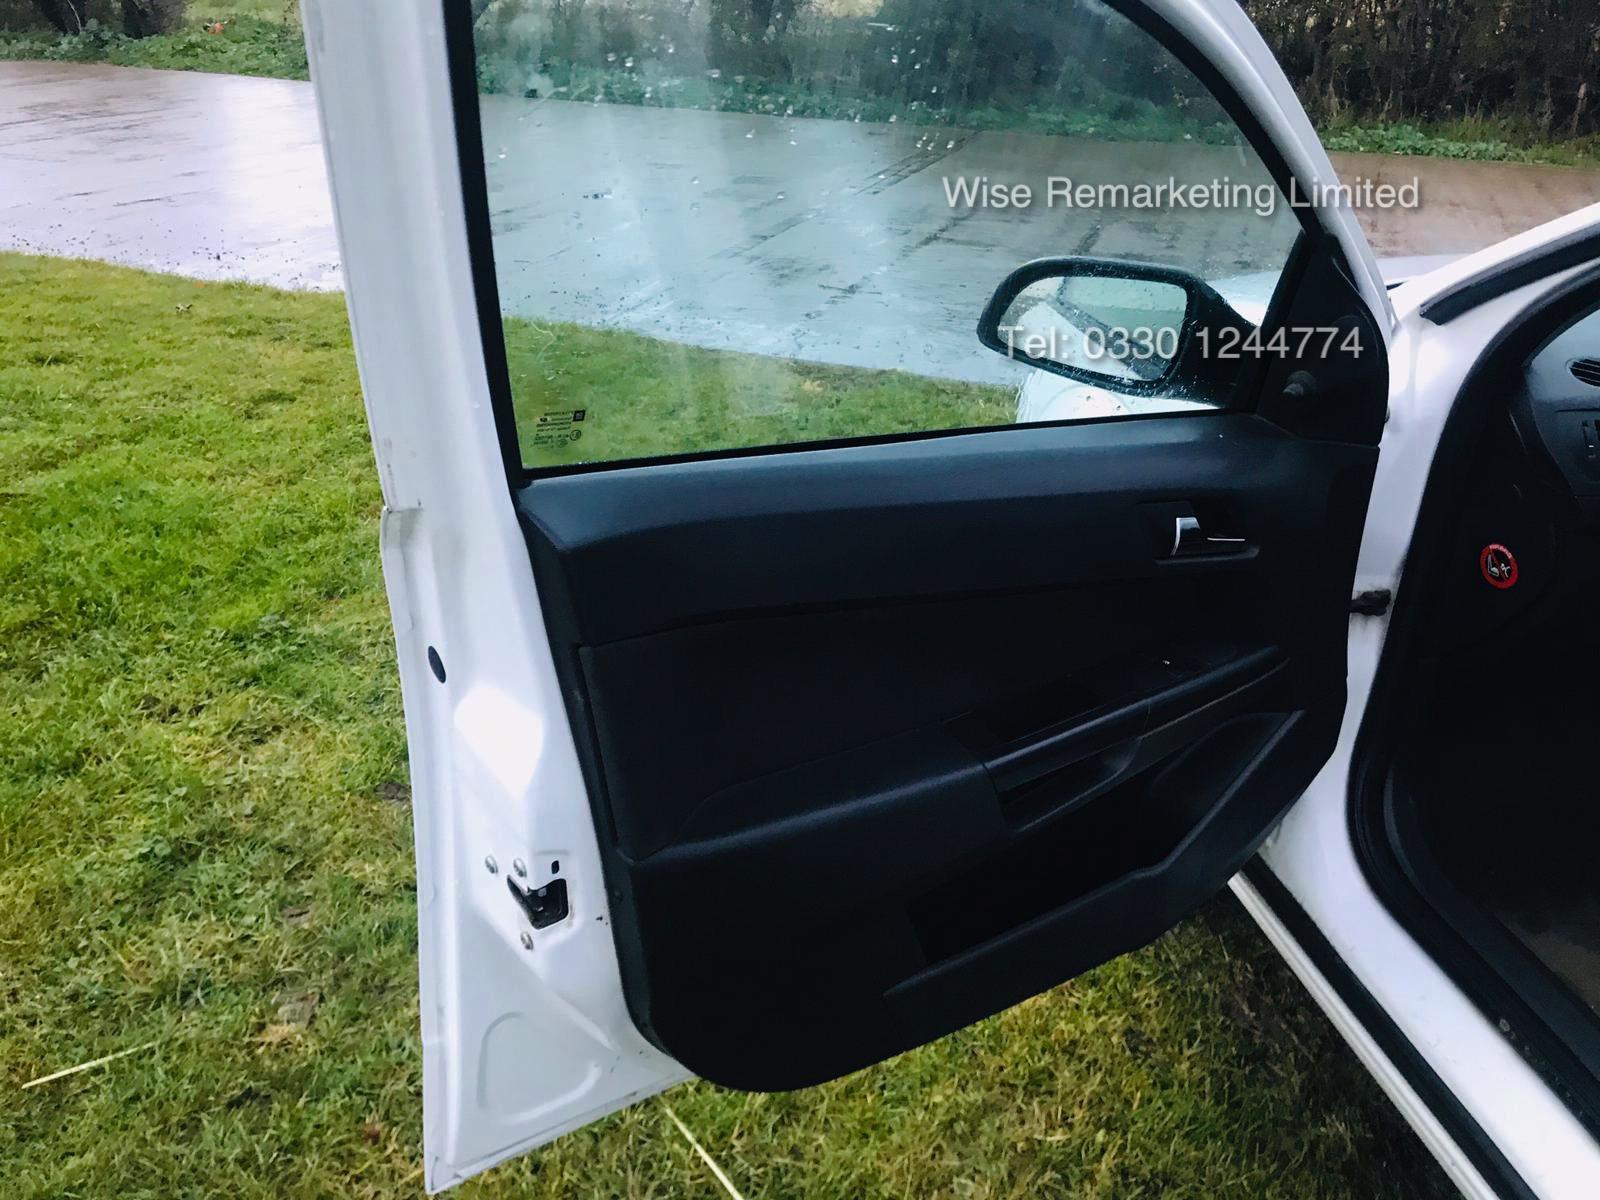 Vauxhall Astra Van 1.3 CDTi - 2011 Model - 5 Seater Crew Van - SAVE 20% NO VAT - Image 9 of 15